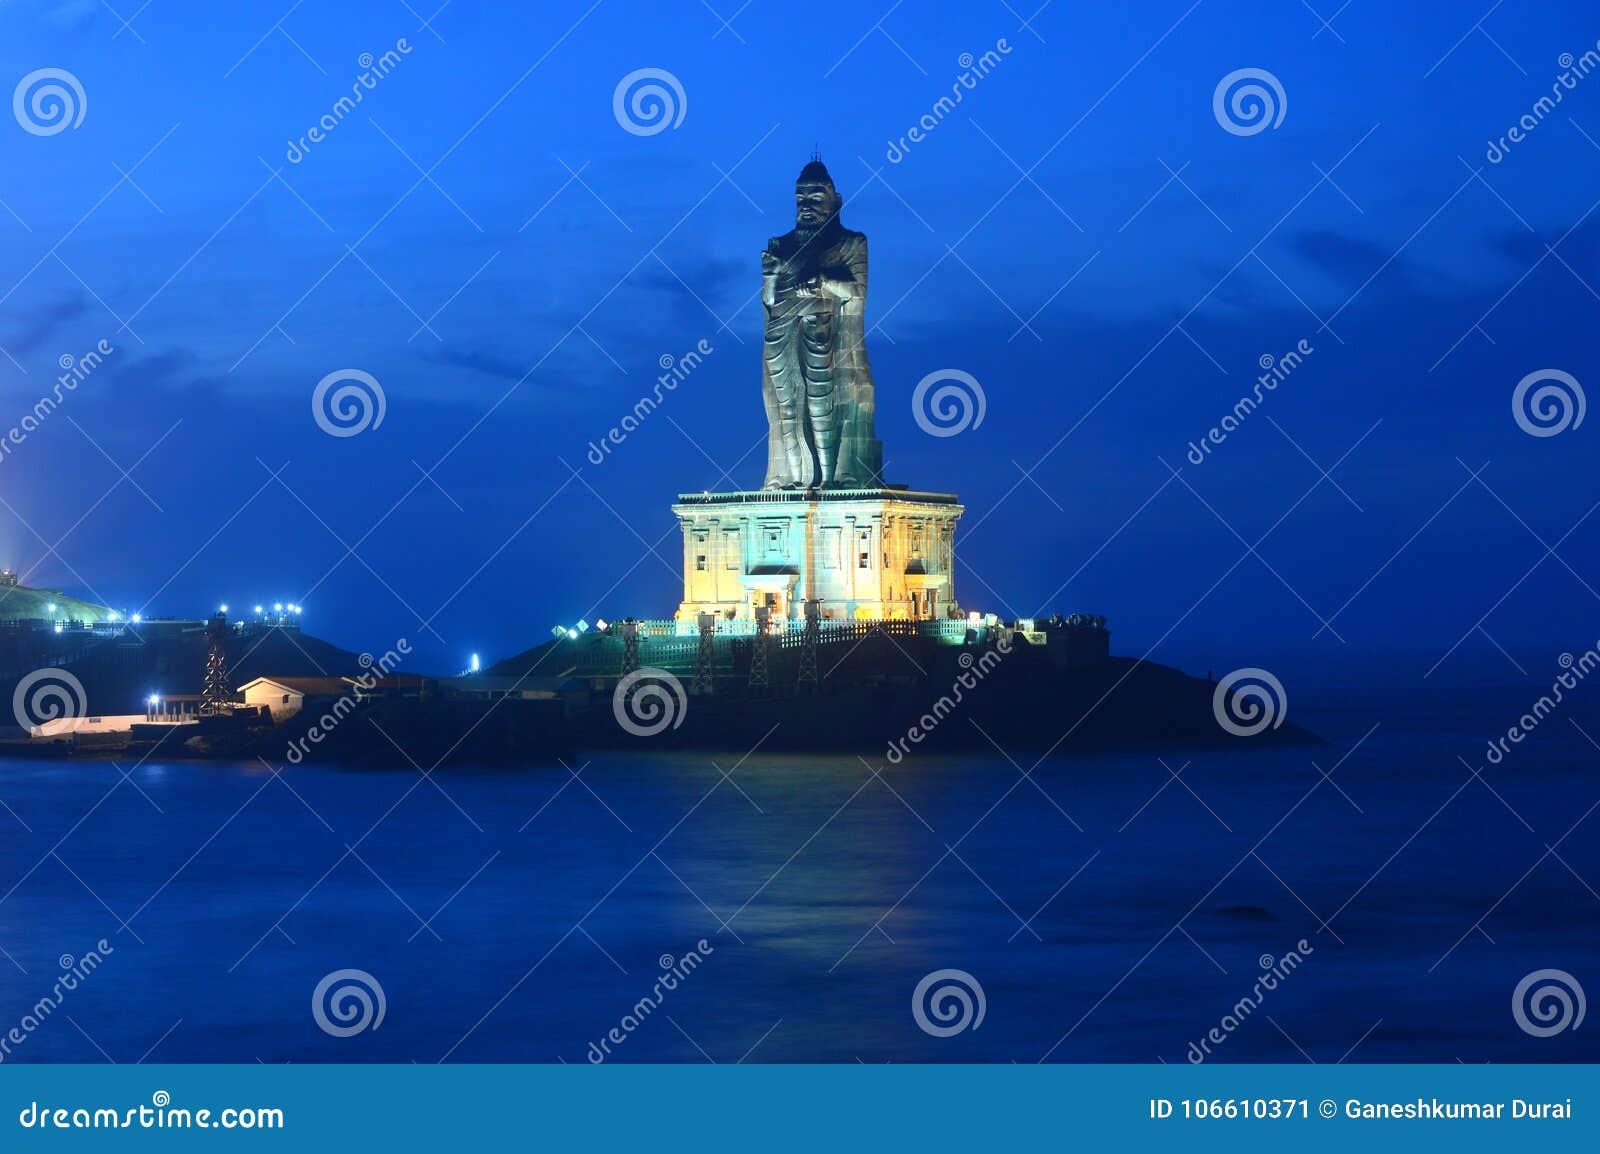 Thiruvalluvar Statue in Kanyakumari